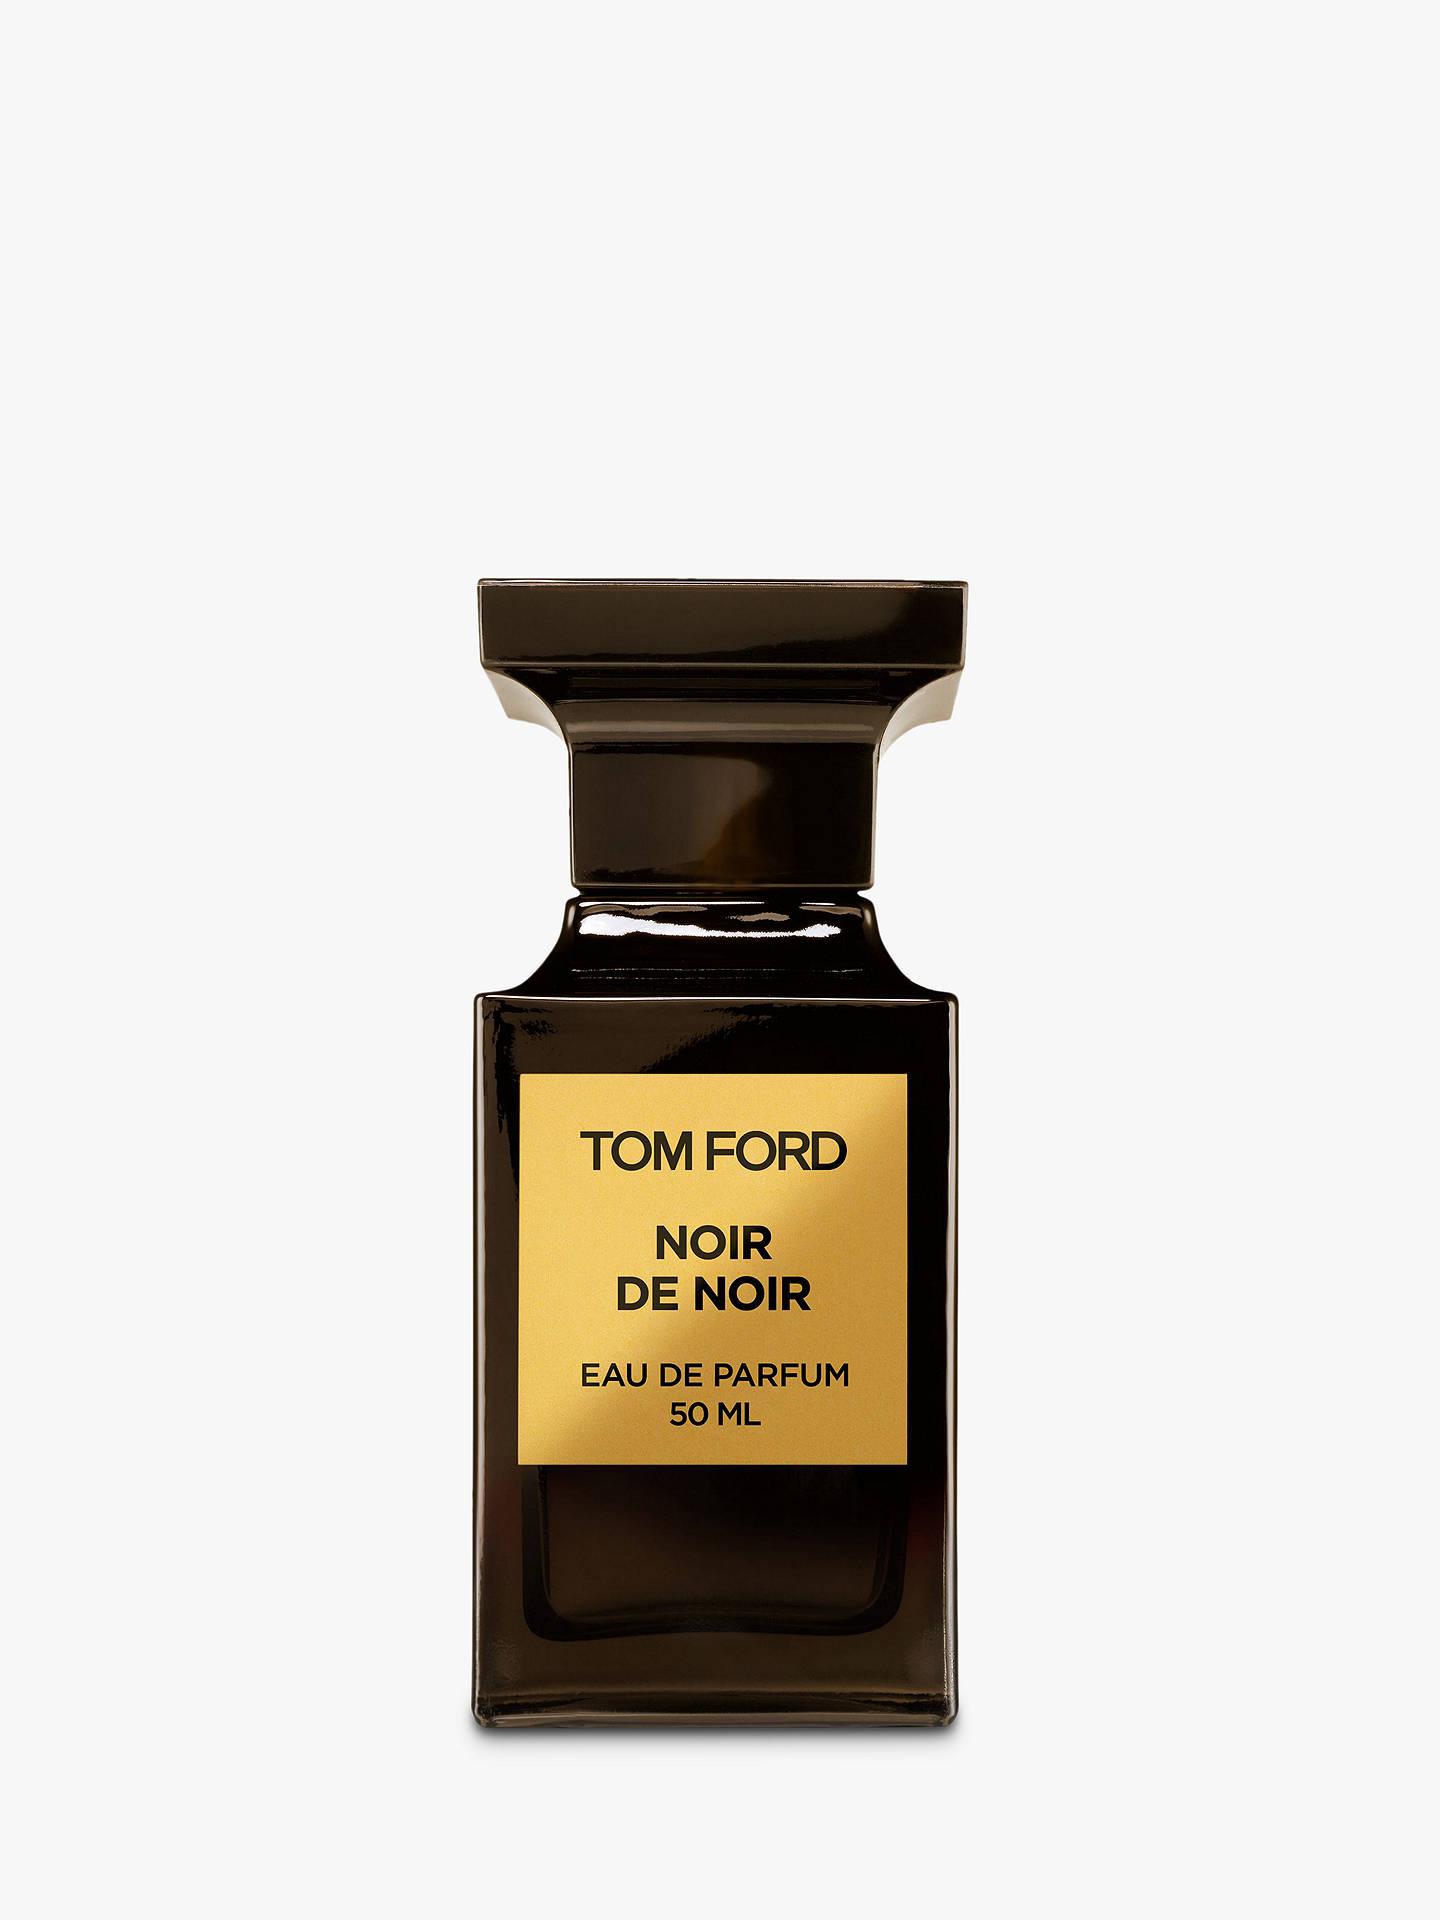 Tom Ford Private Blend Noir De Noir Eau De Parfum 50ml At John